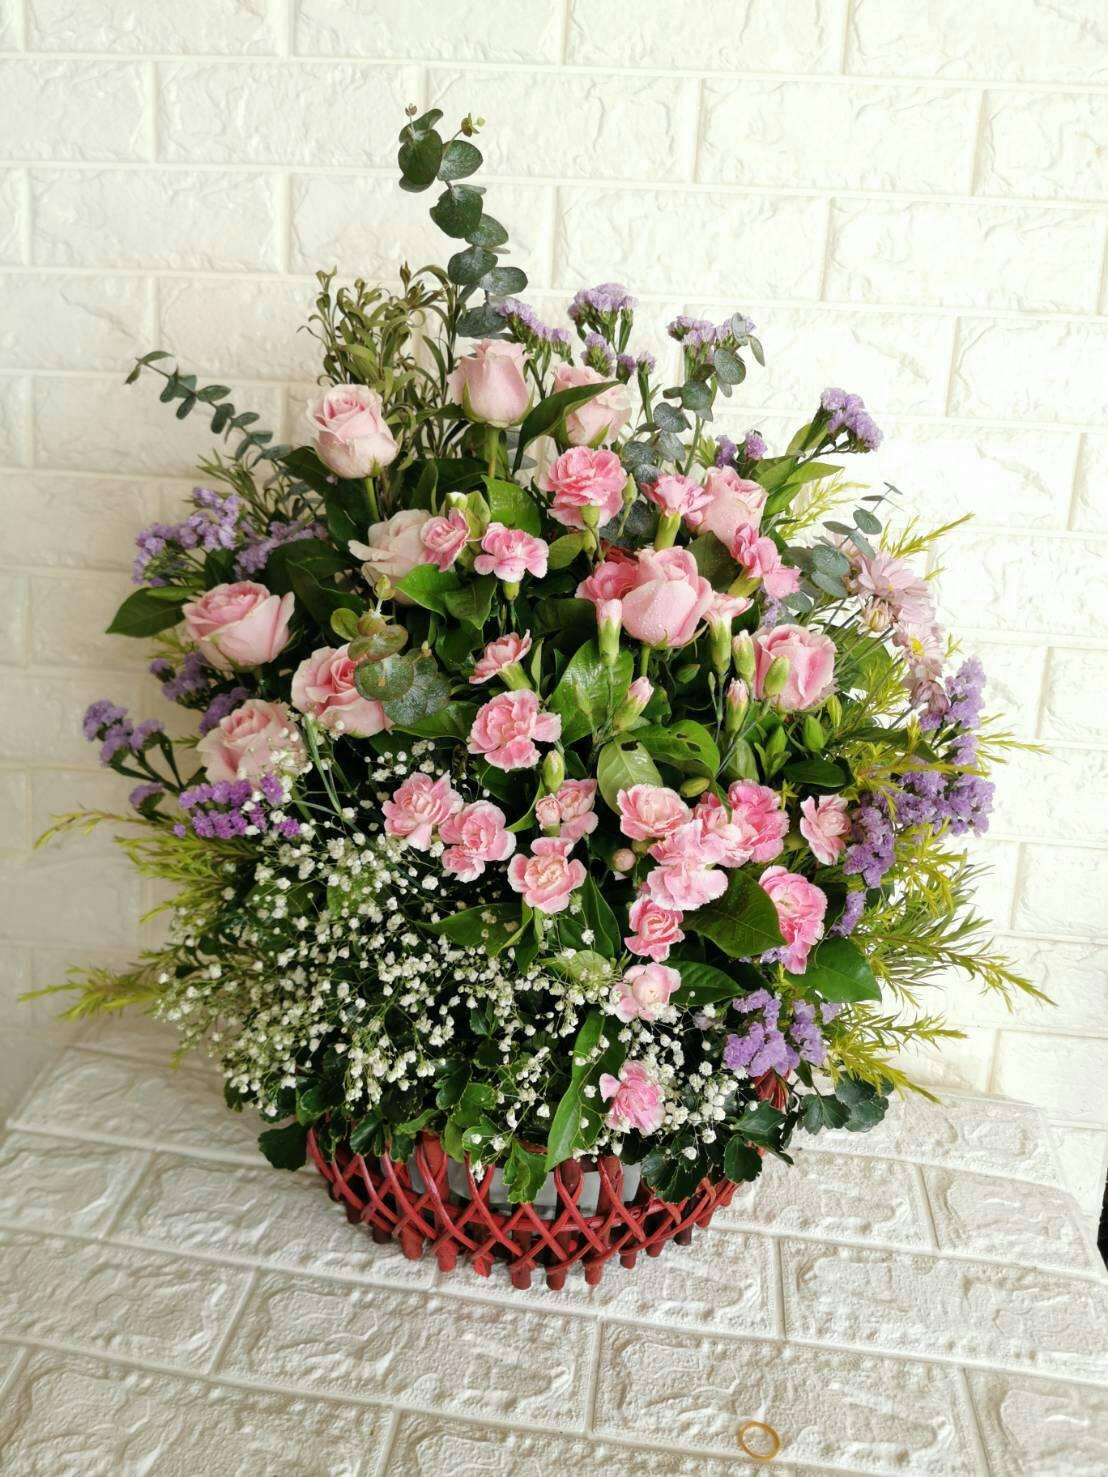 กระเช้าดอกไม้สีเย็นตา ประกอบด้วยดอกไม้สีชมพูหวานหลากหลายชนิดค่ะ